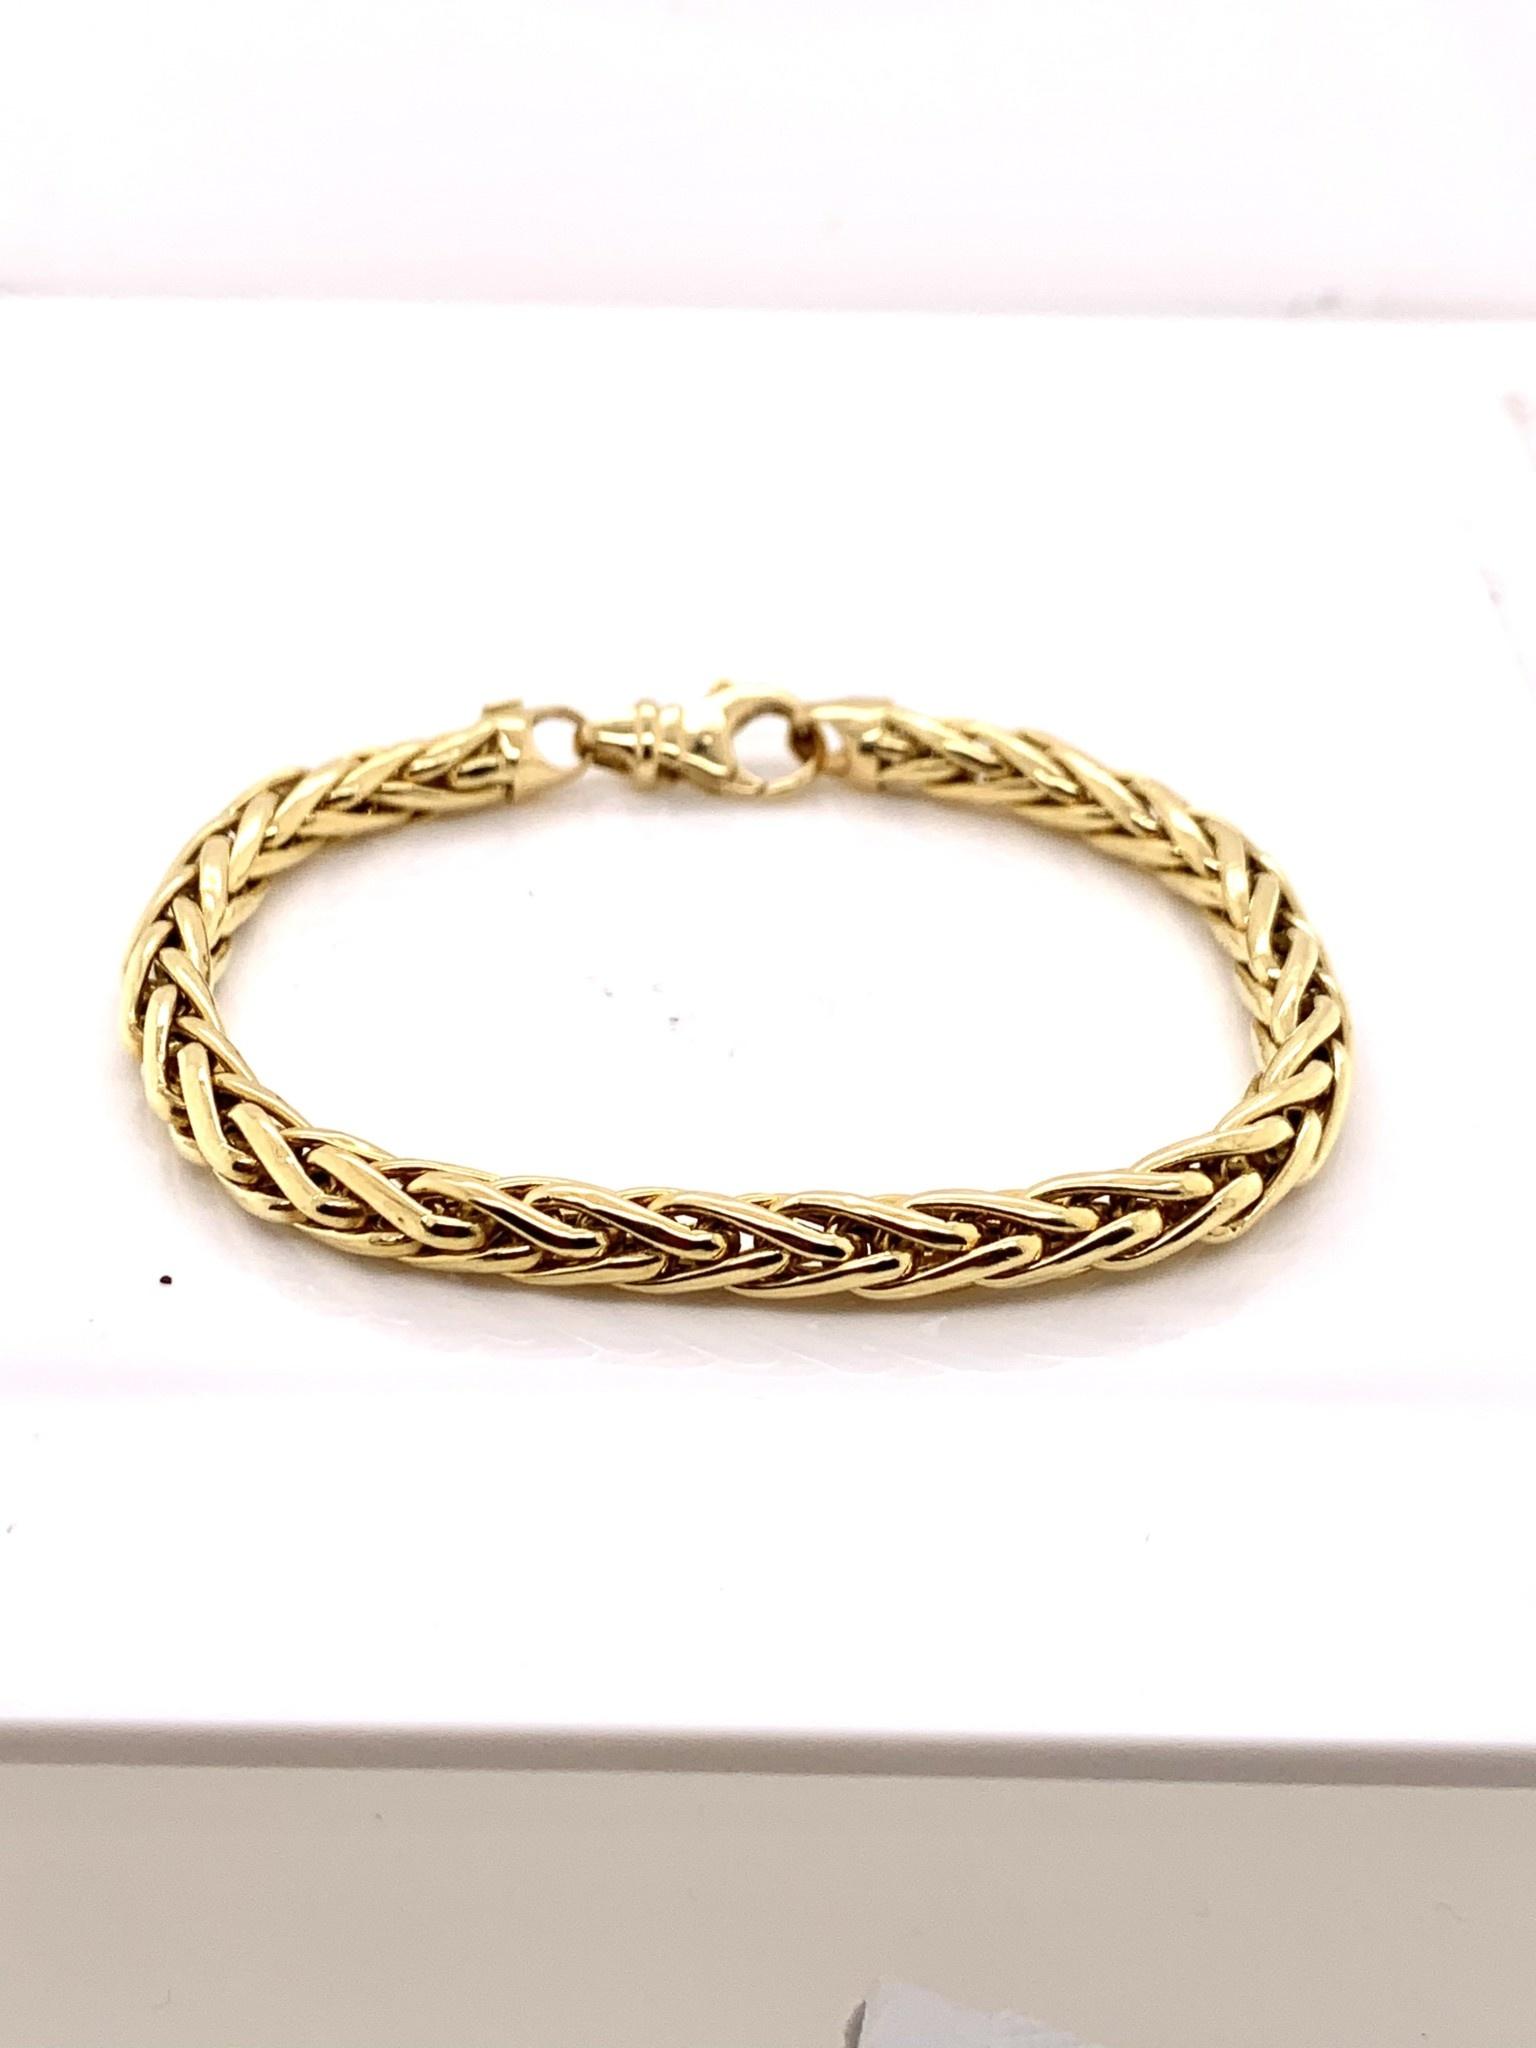 18k yellow gold 7 in bracelet w/ lobster clasp